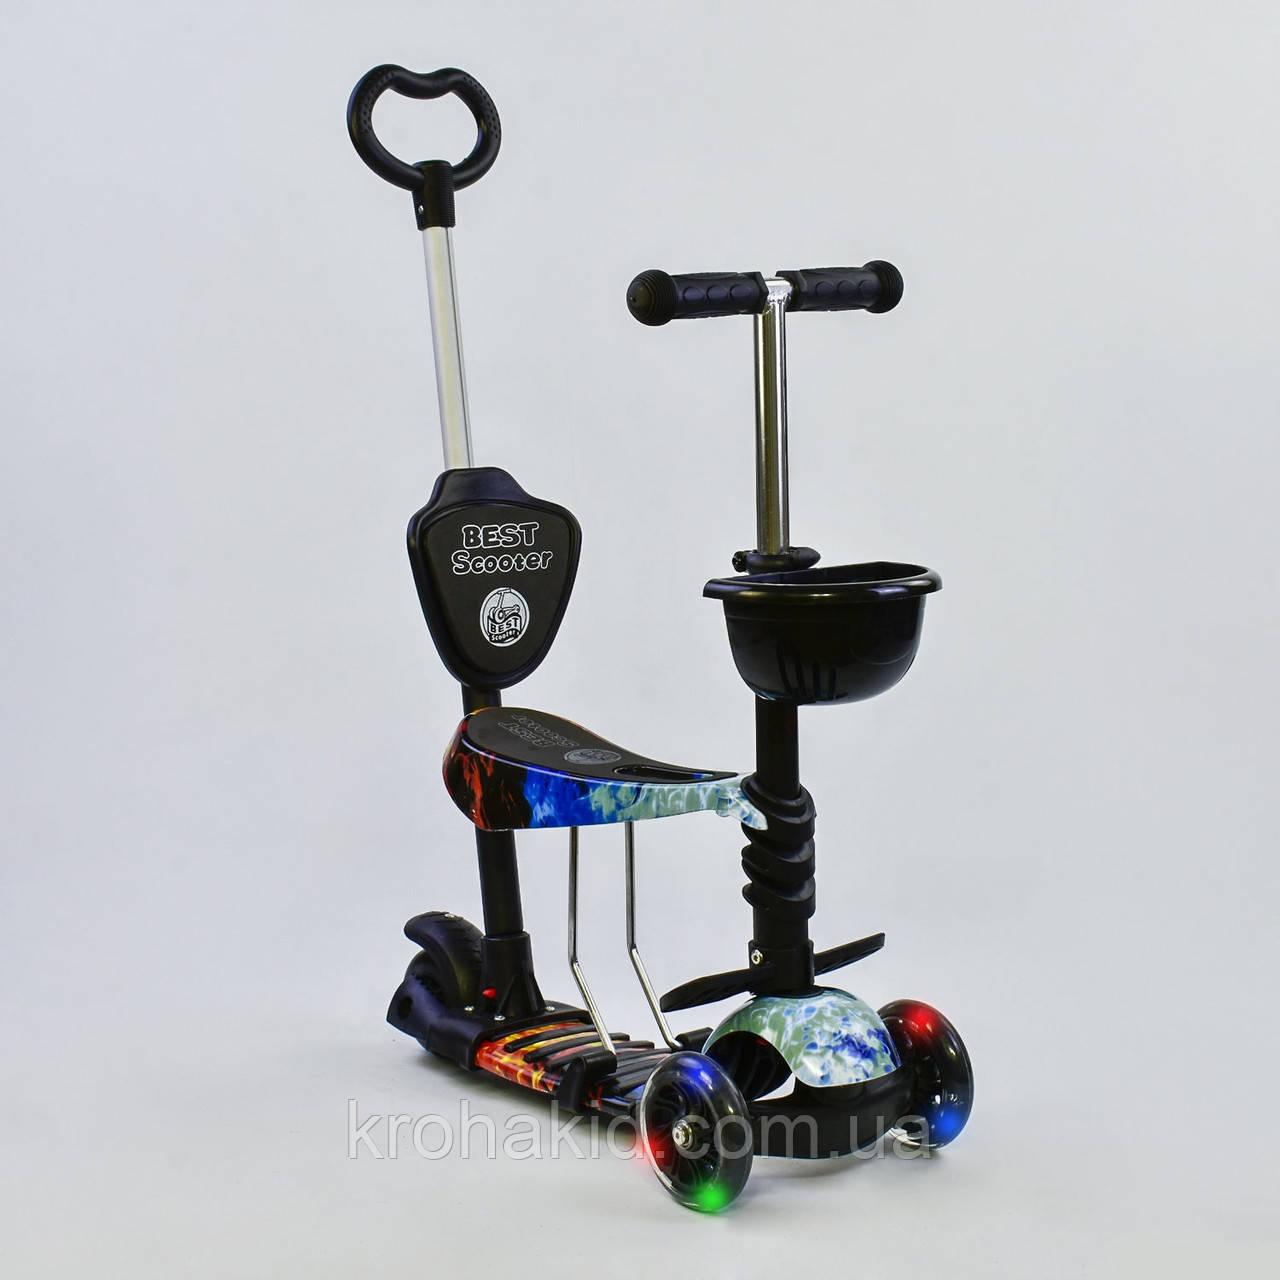 Самокат-беговел 5в1 Best Scooter с родительской ручкой, светящиеся колеса 21500